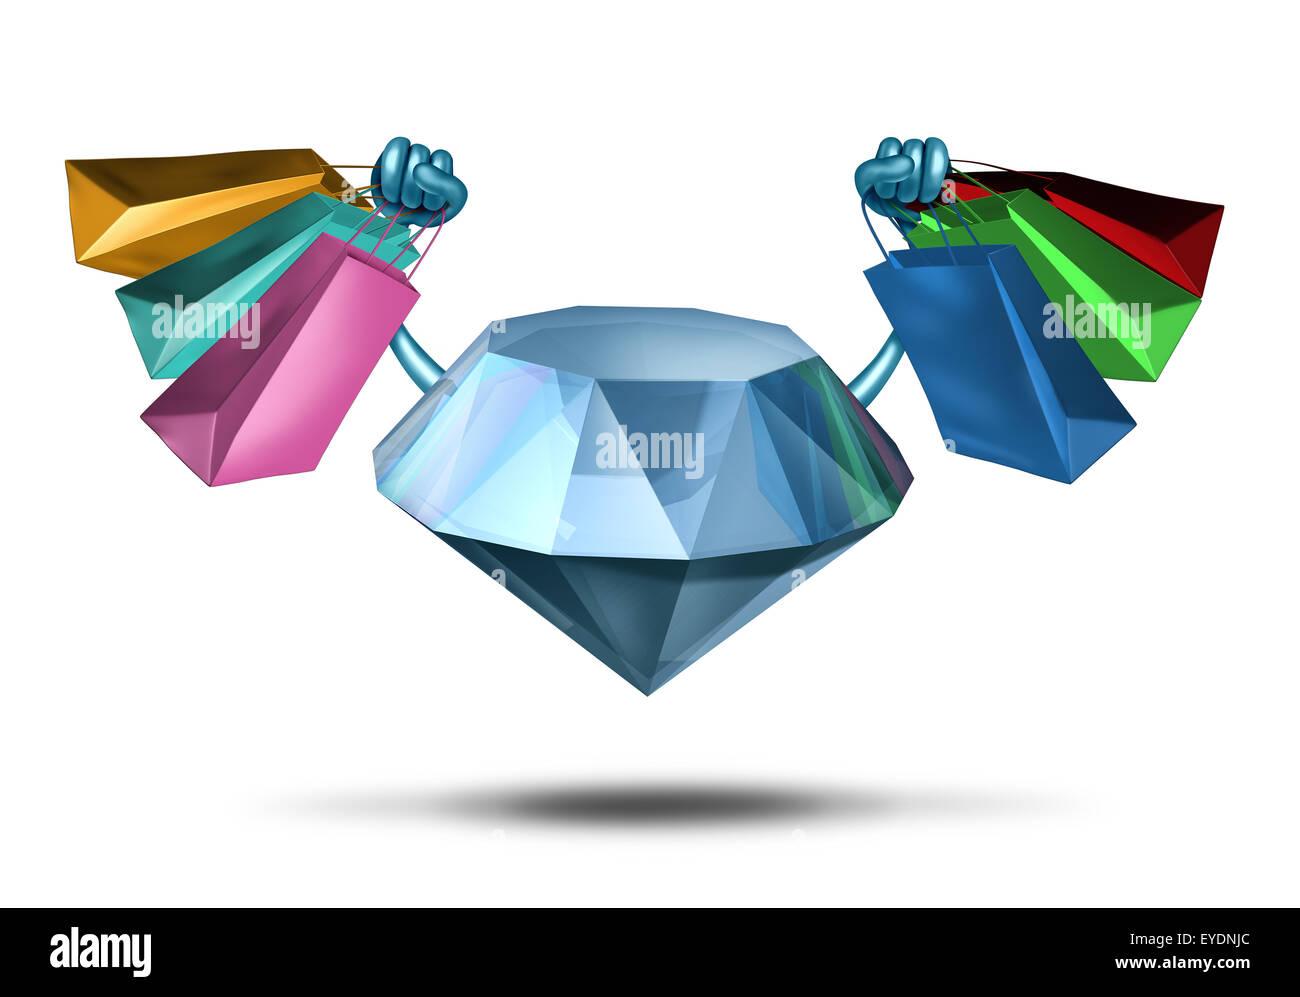 Lo shopping di lusso e di alta vita shopper premium service come un carattere di diamante holding di un gruppo di Immagini Stock